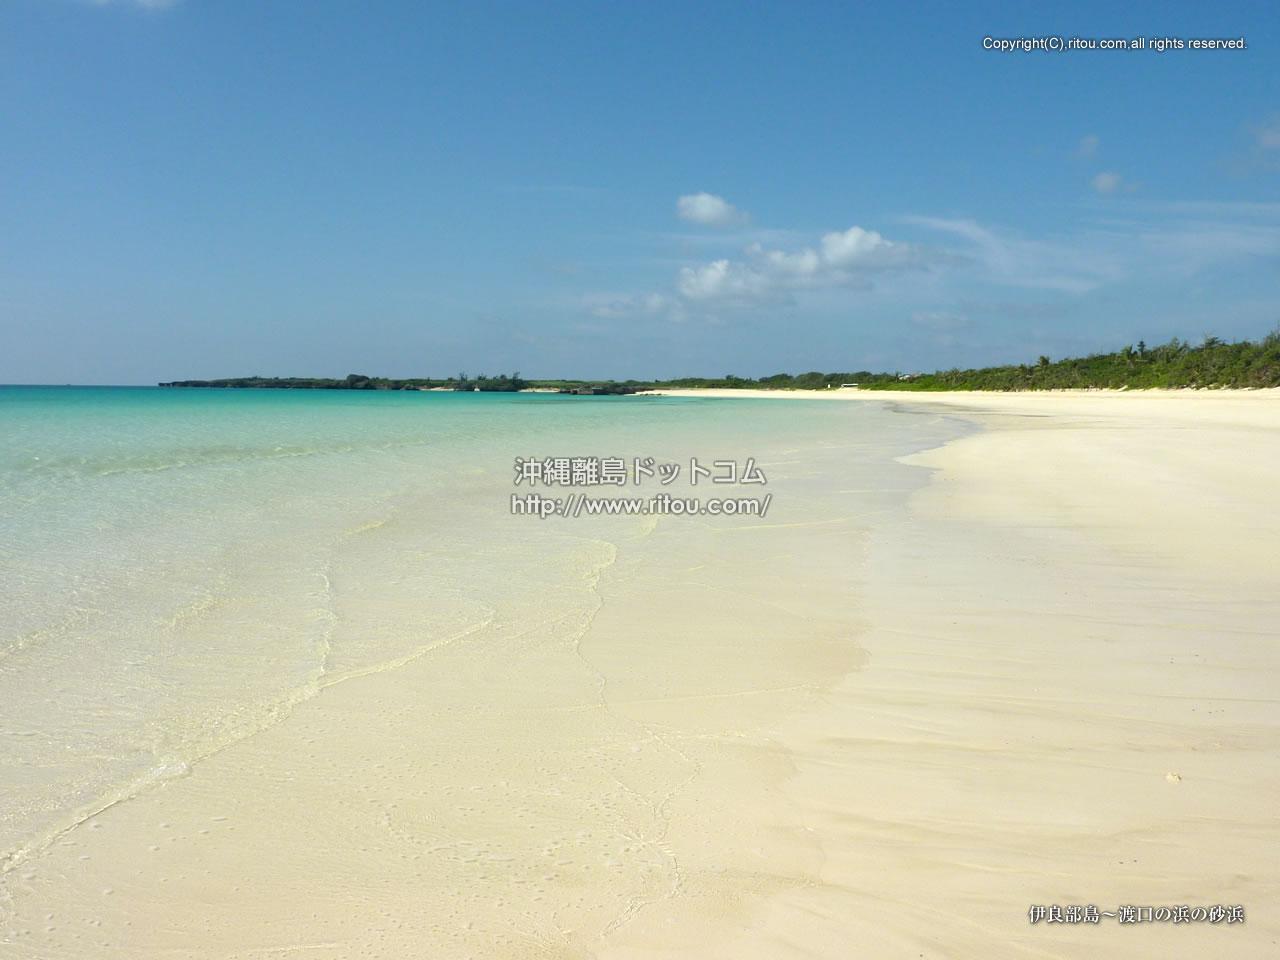 伊良部島〜渡口の浜の砂浜